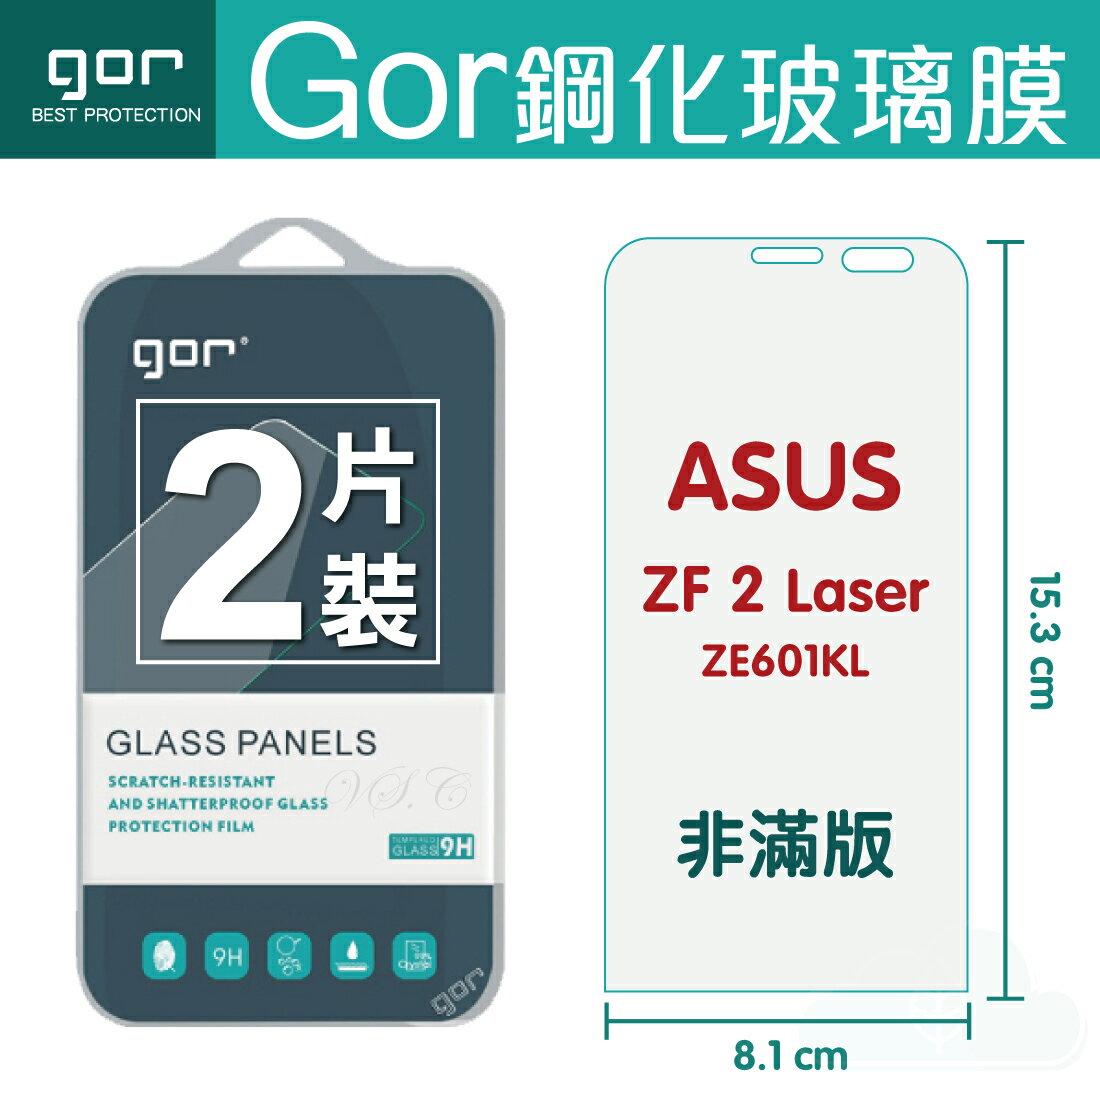 ~ASUS~GOR 9H 華碩 ASUS Zenfone2 Laser ZE601KL 鋼